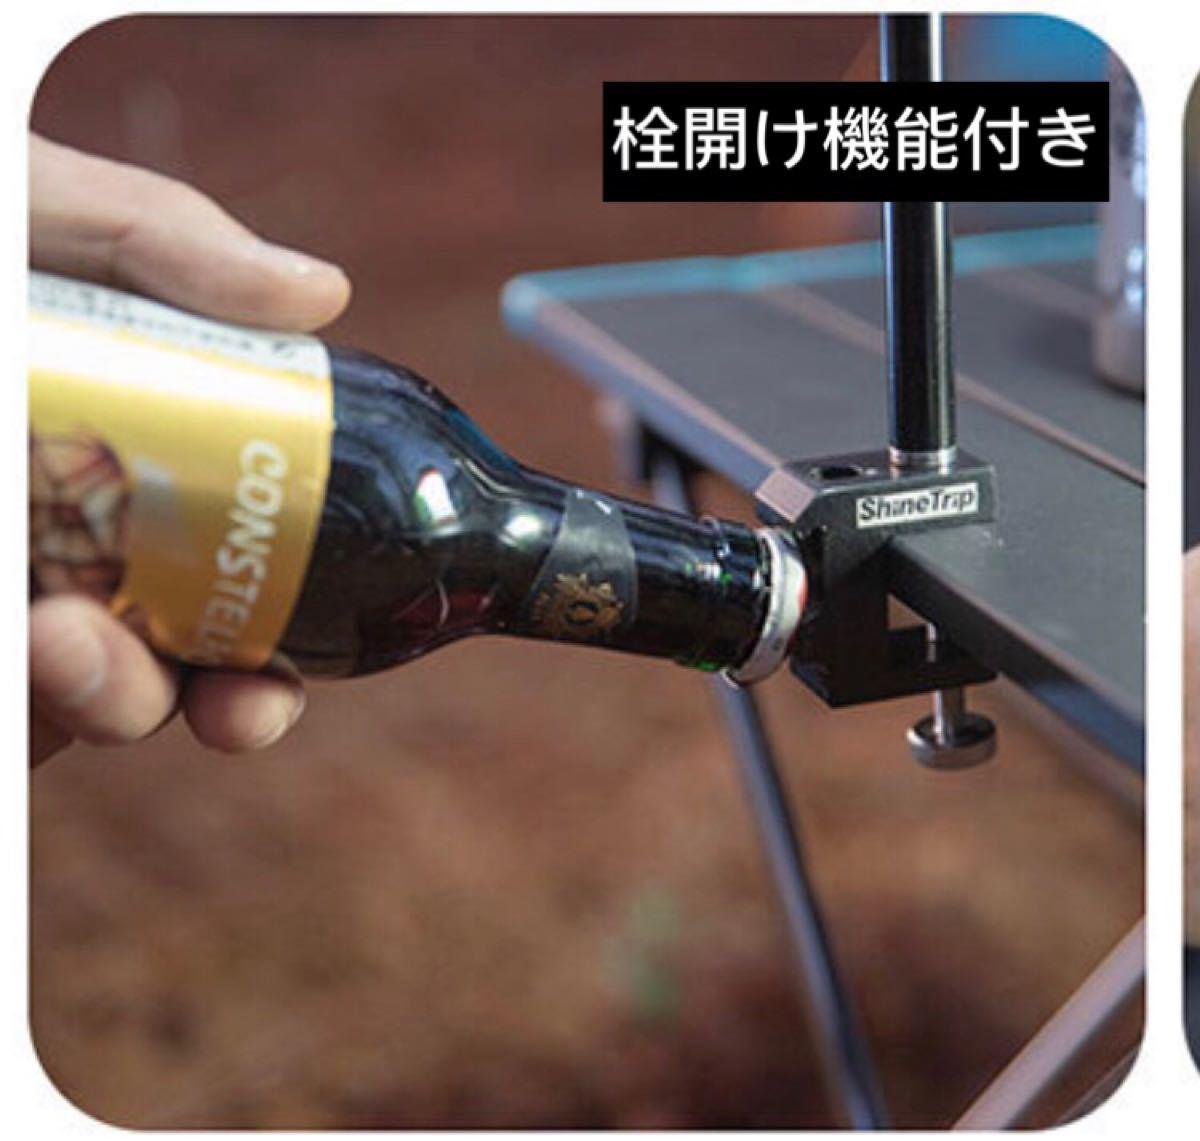 ランタンスタンド  テーブルと地面両用 ランタンハンガー 高強度アルミ ブラック